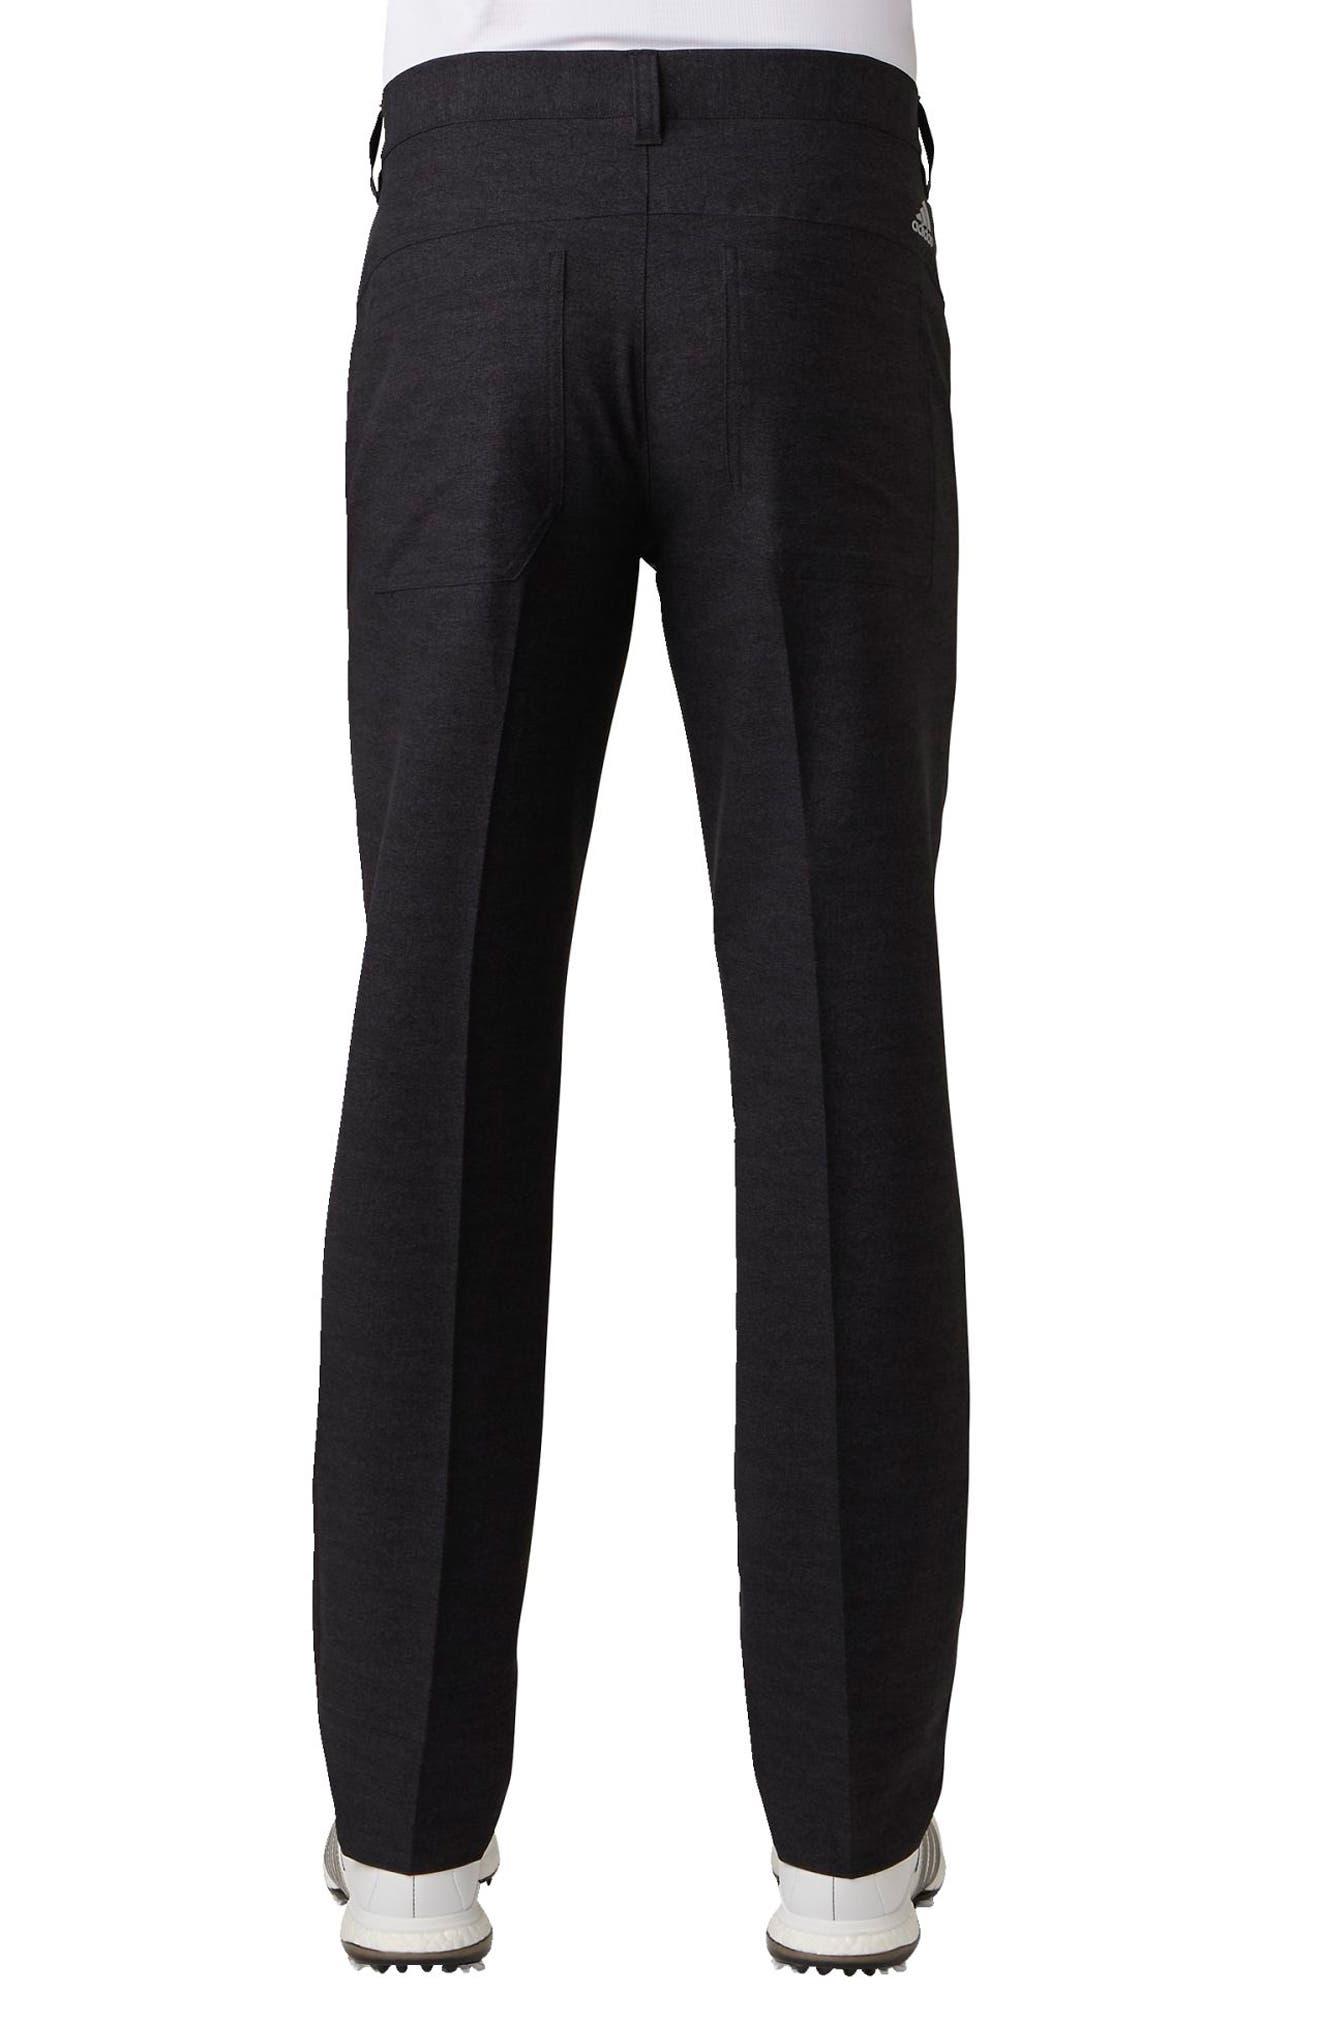 Prime Golf Pants,                             Alternate thumbnail 2, color,                             Carbon